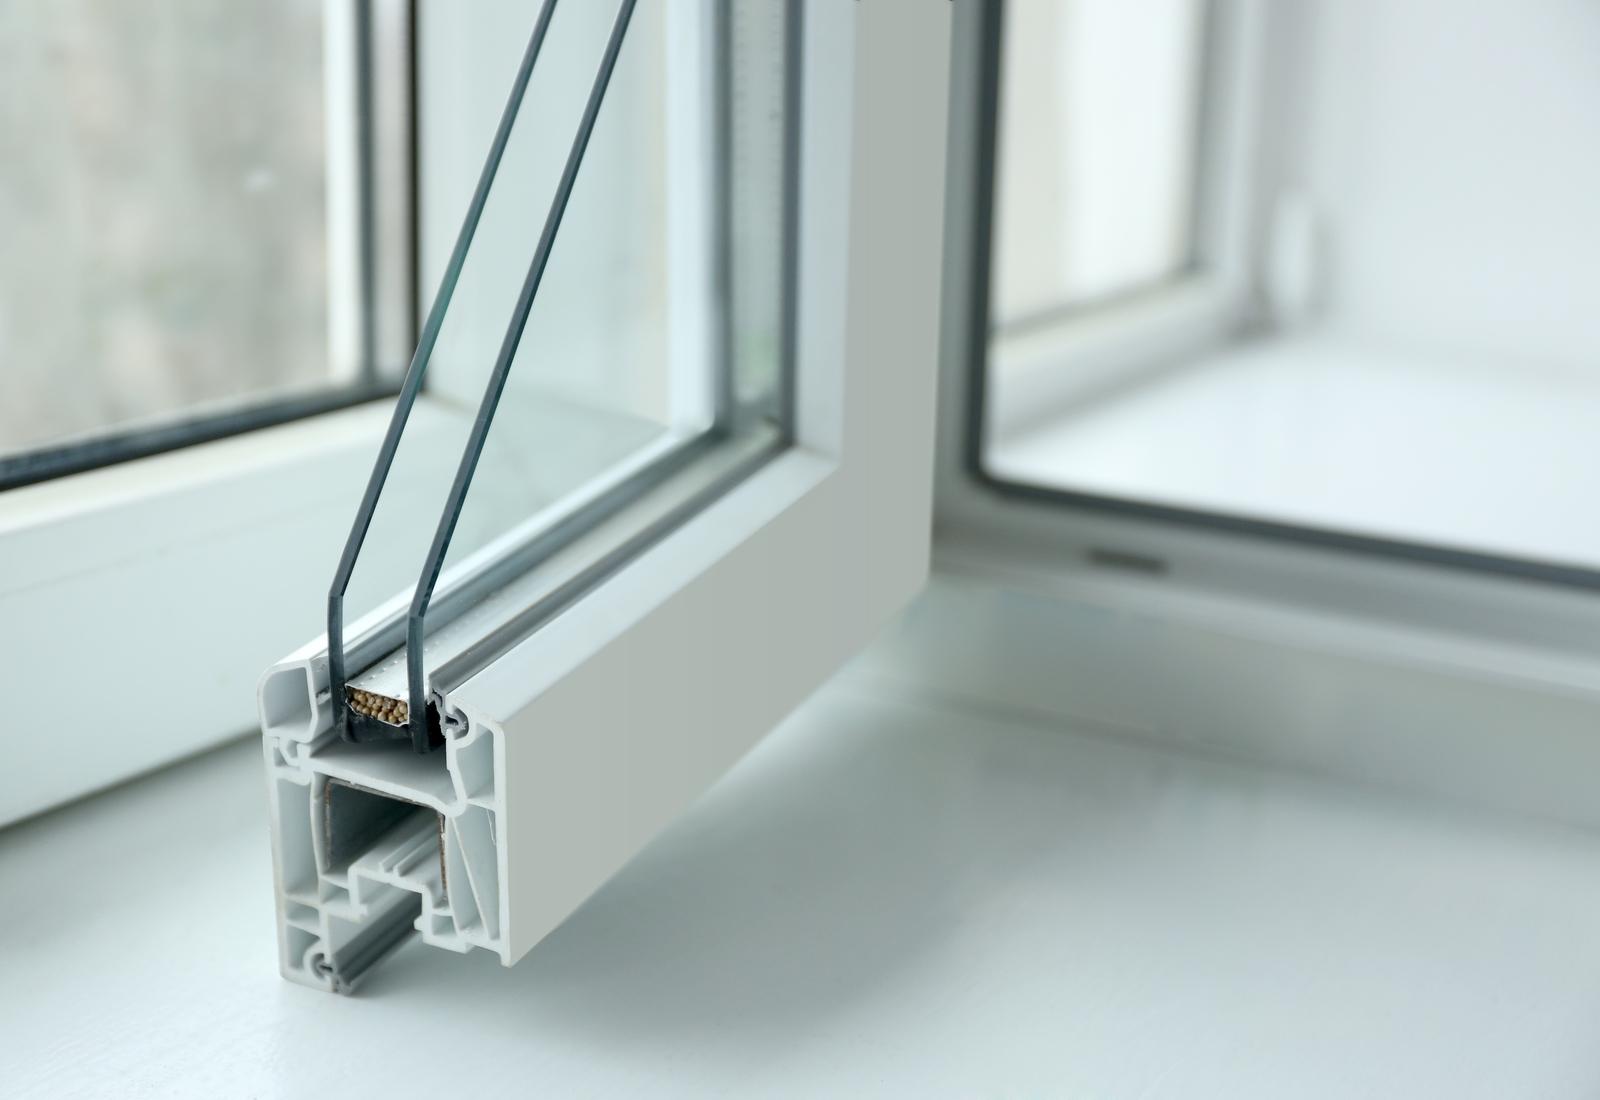 Comment nettoyer l'intérieur d'un double vitrage